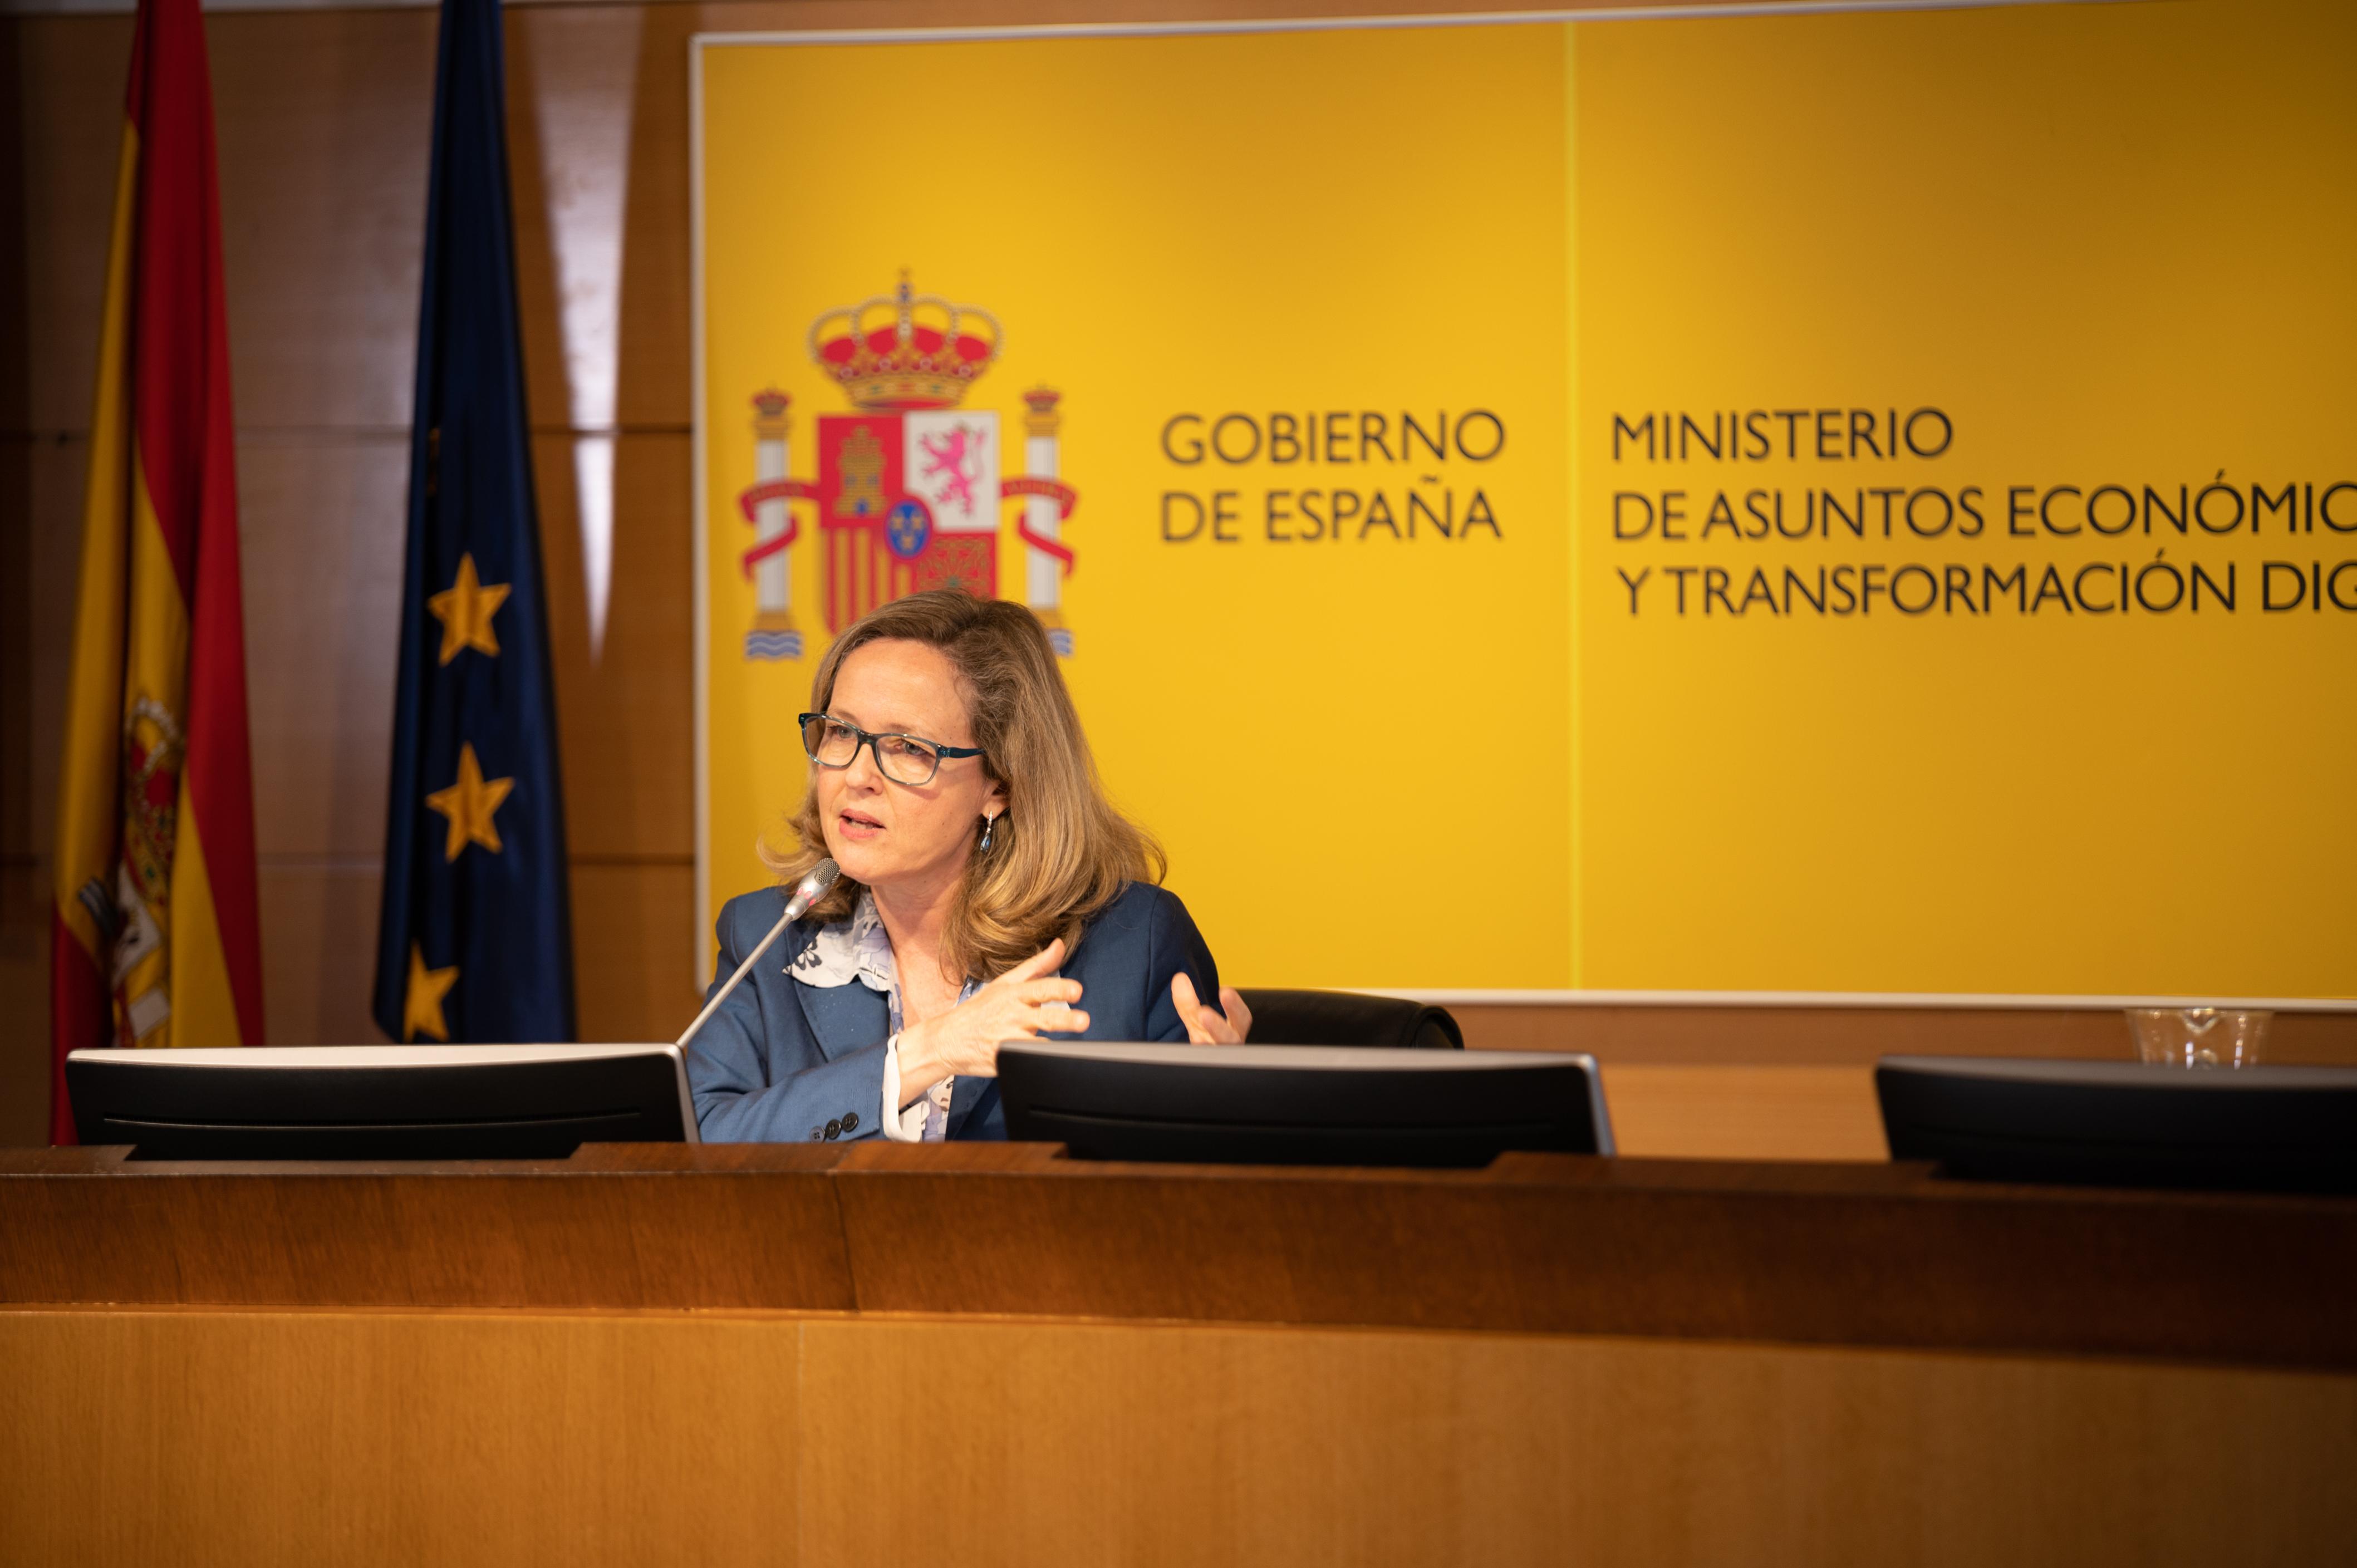 Ministerio de Asuntos Económicos